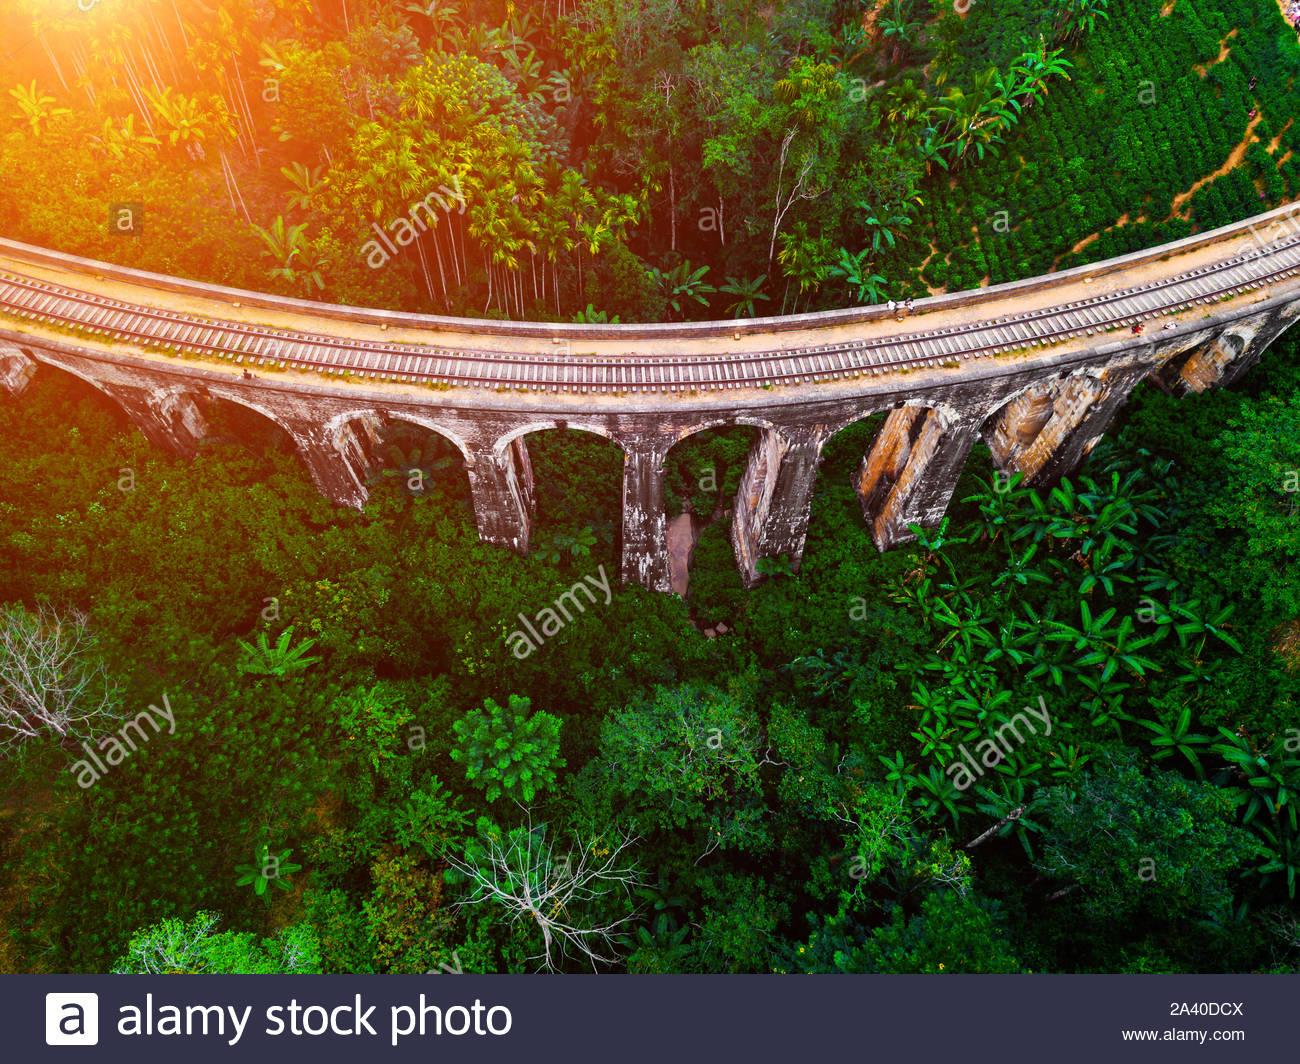 Aerial view of Nine Arches Bridge in Ella, Sri Lanka. Drone photo. Stock Photo